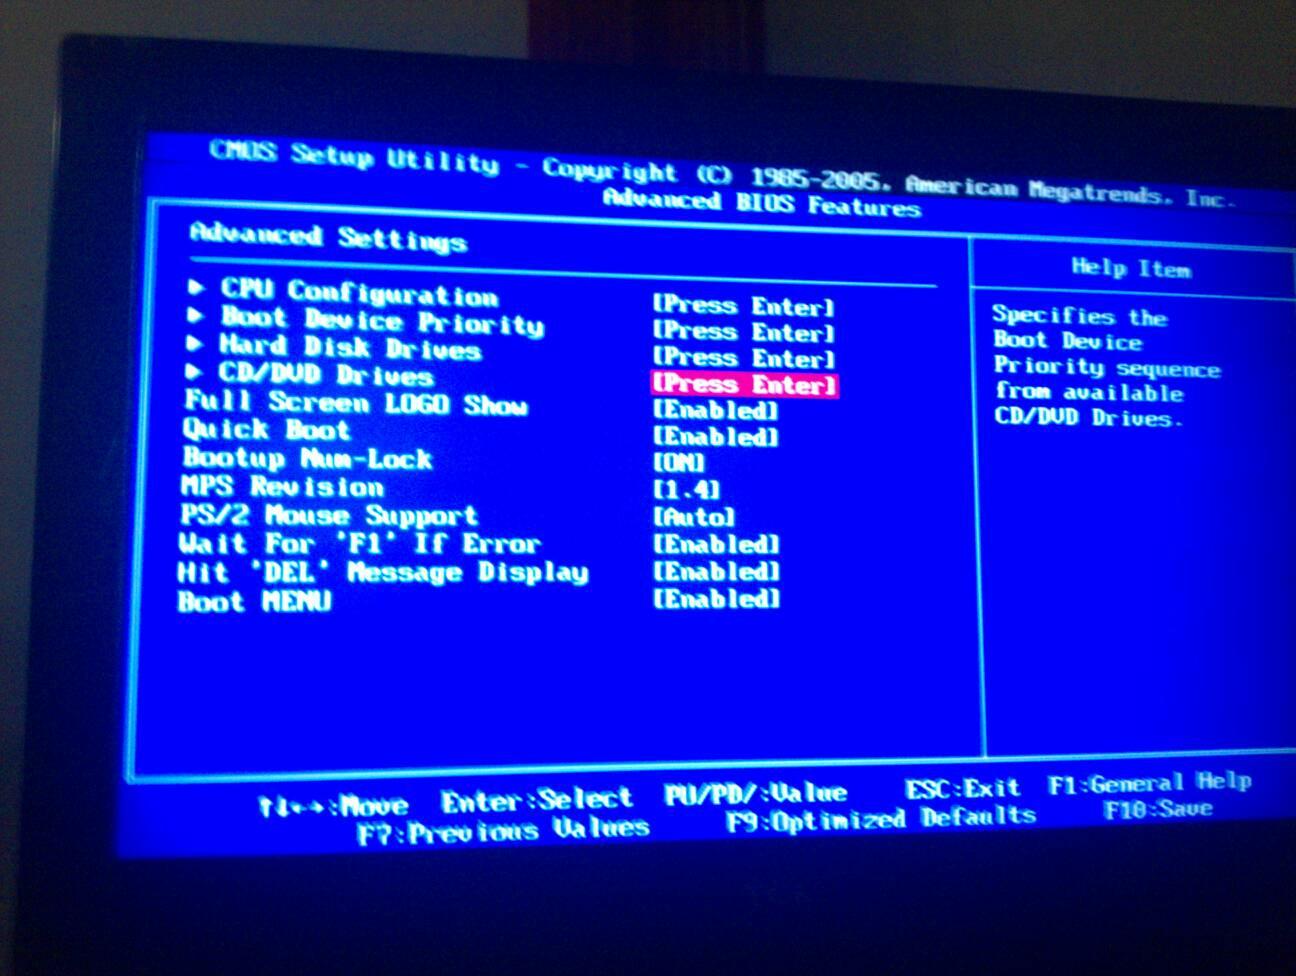 重装系统步骤,怎么用u盘重装系统,重装系统后不能上网